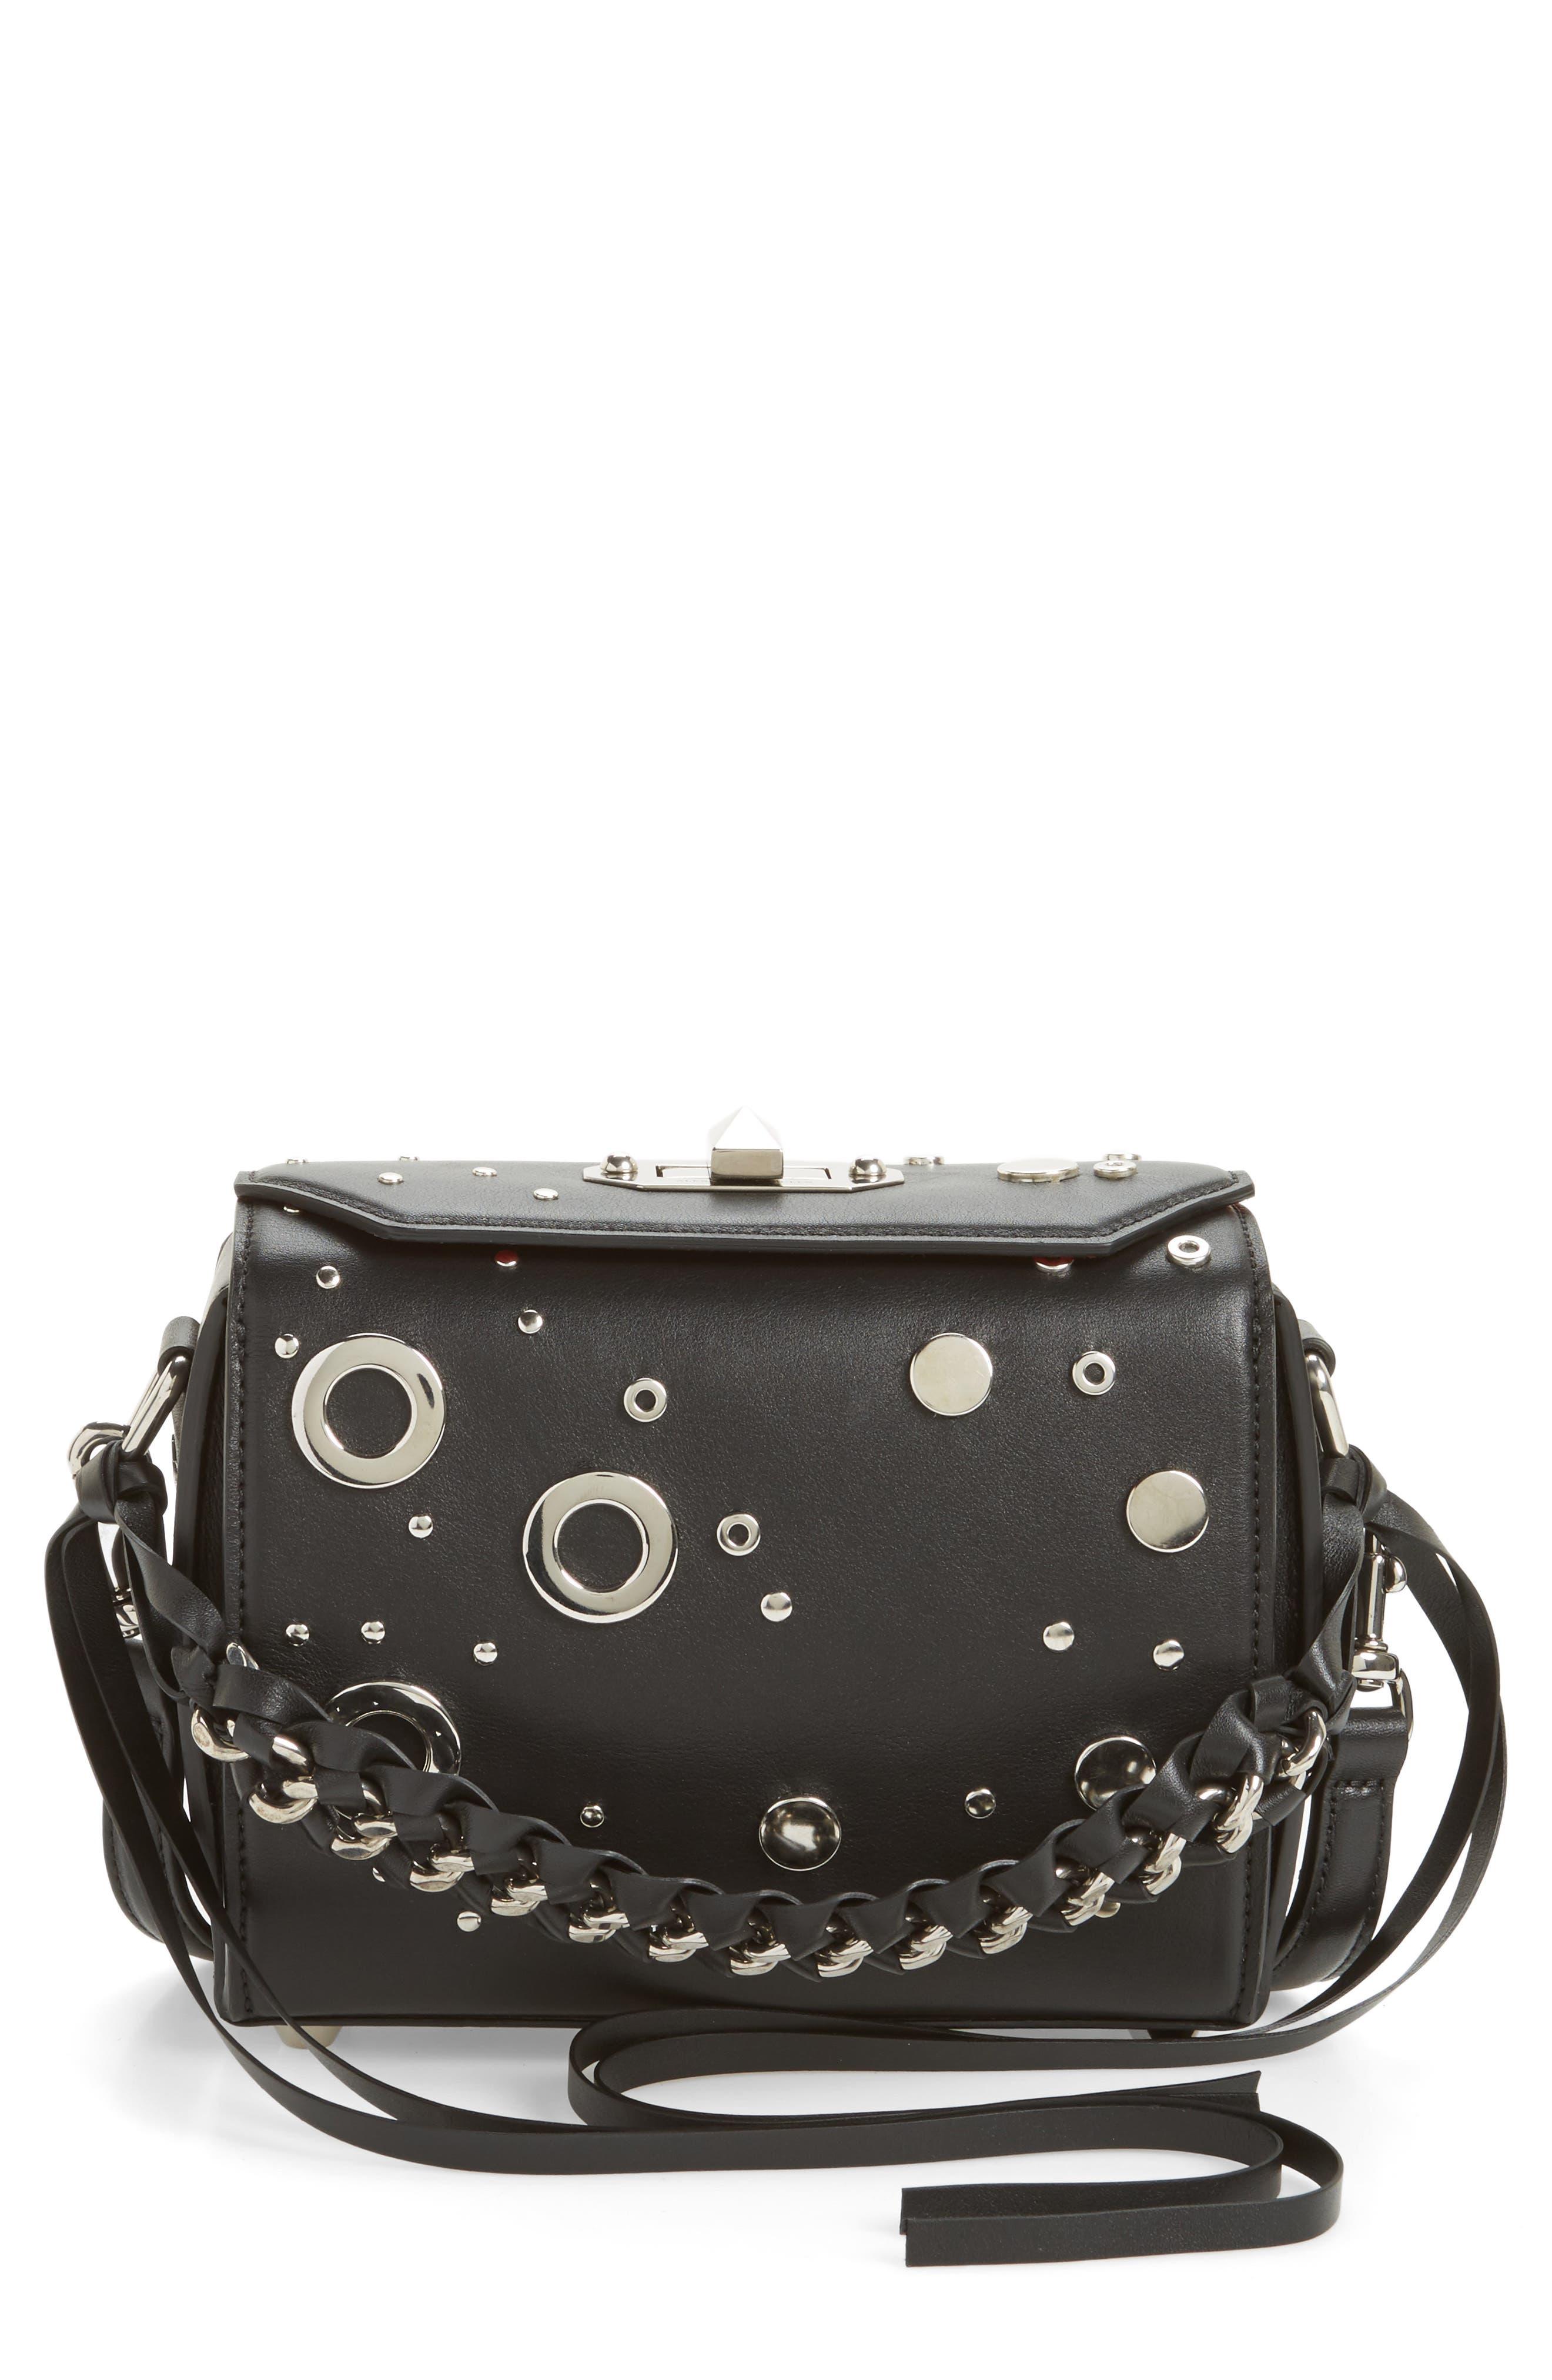 Alexander McQueen Grommet & Stud Calfskin Leather Box Bag